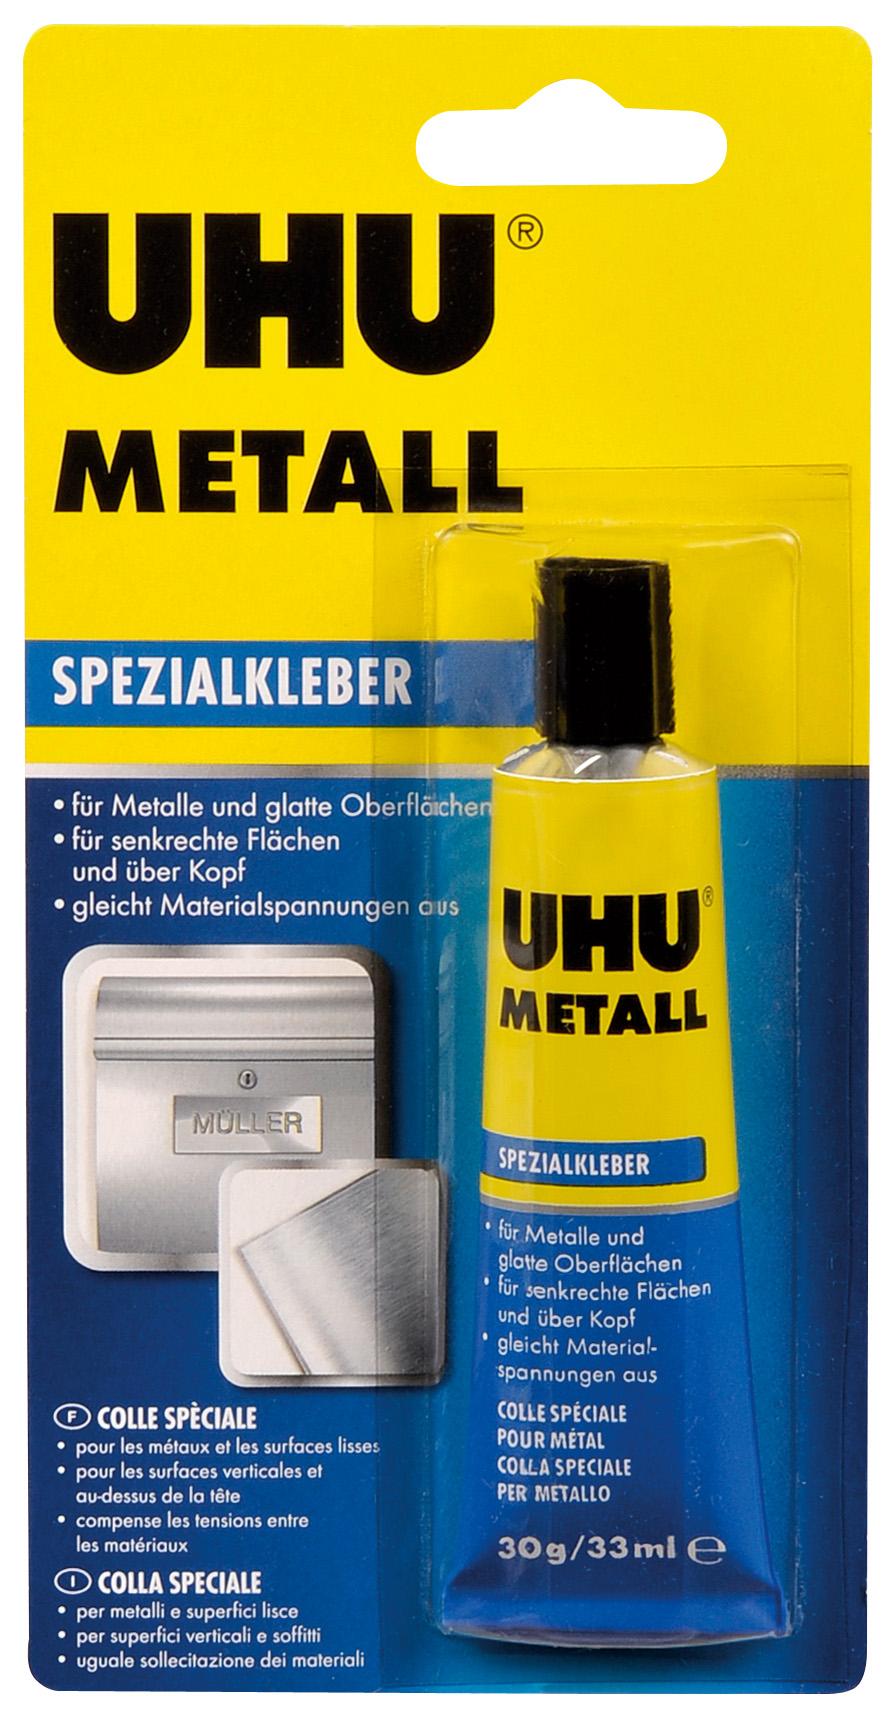 UHU Metall 30g Tube Infokarte